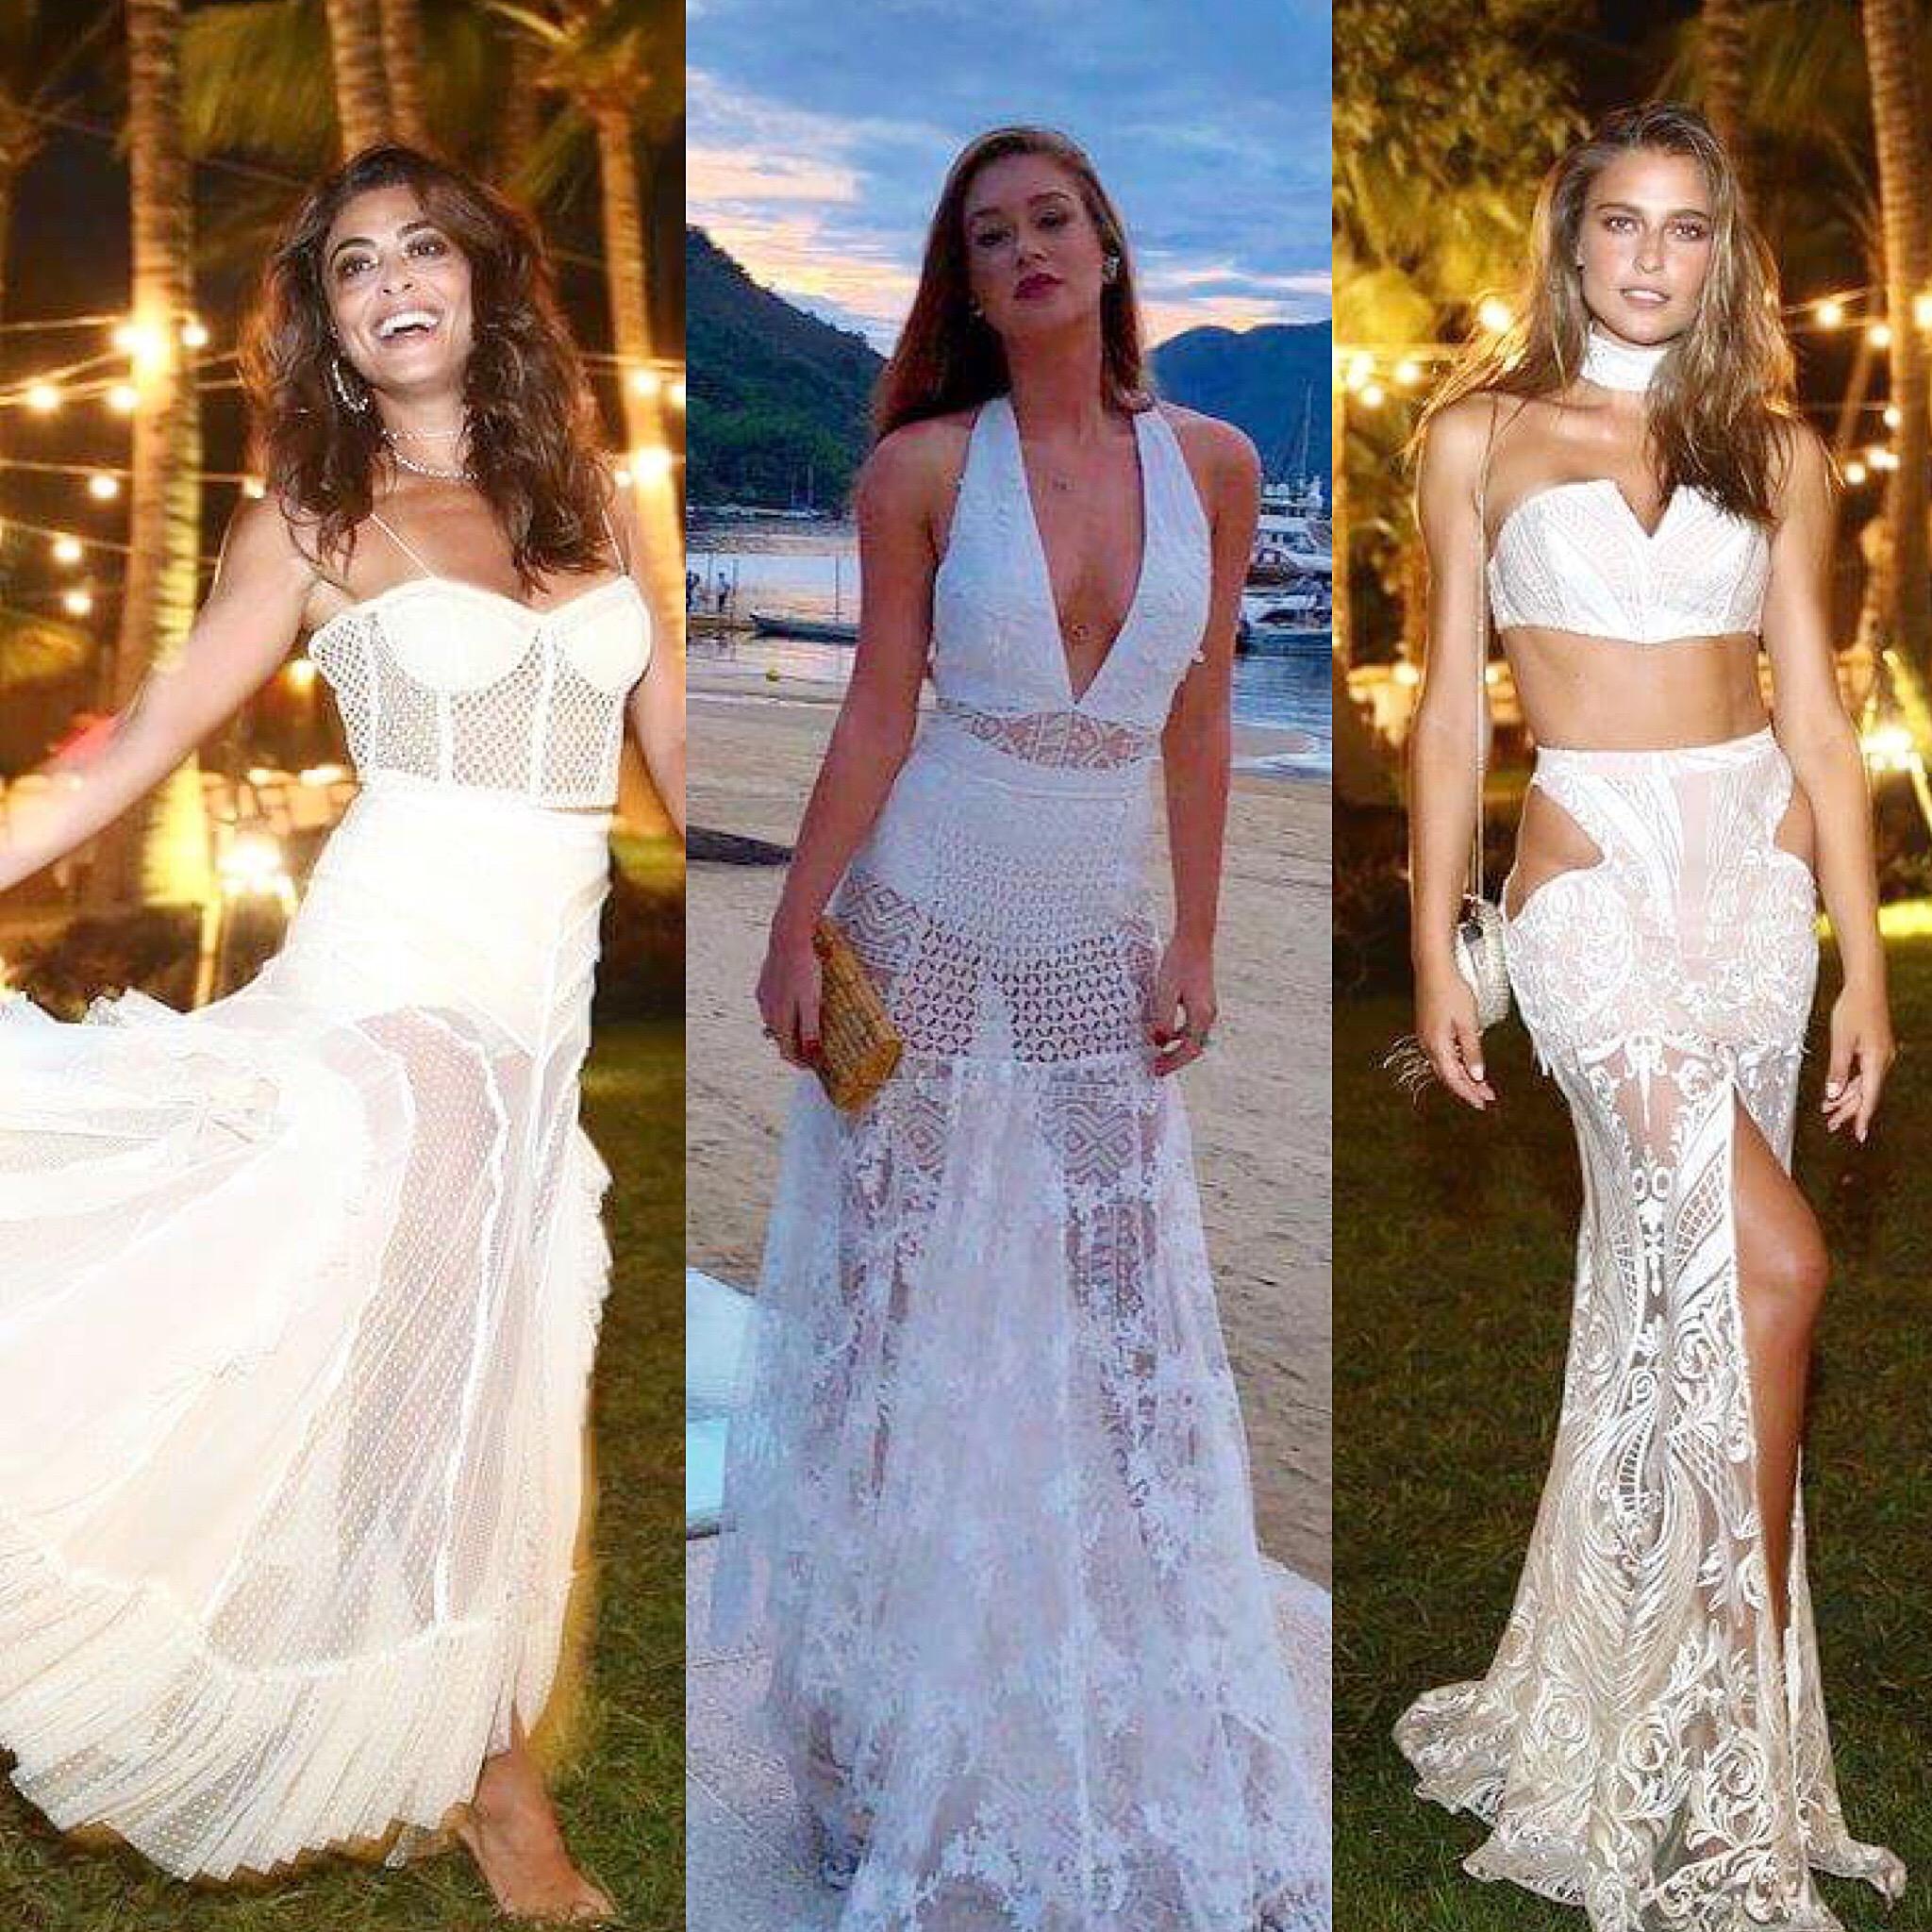 e56e6686f Arquivos Moda - Página 2 de 6 - Blog da Raquel Costa